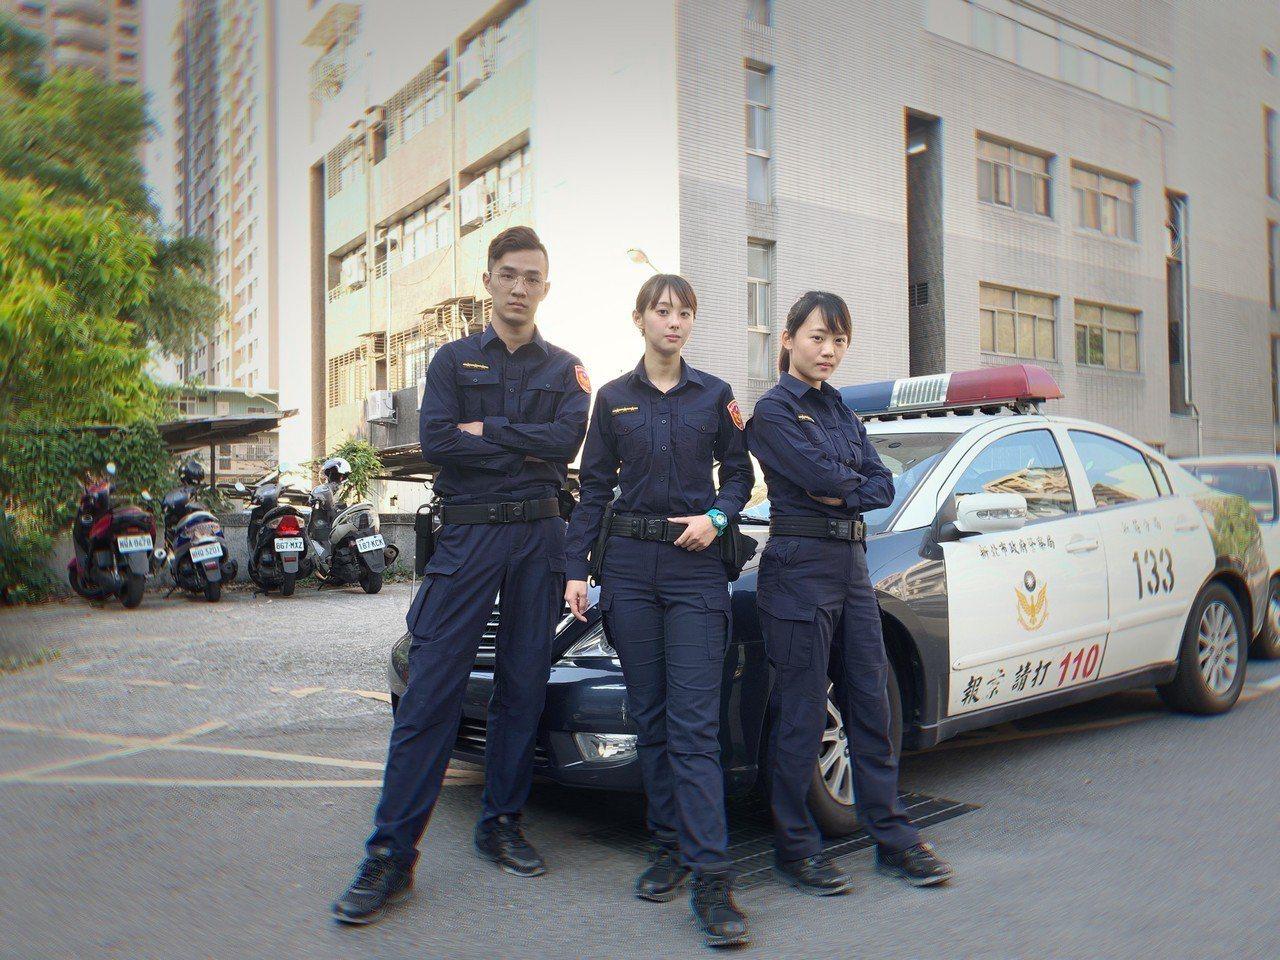 全國警察即將在明天全面換上新制服新制服採用藏青色設計,看起來更加具有現代感與時尚...